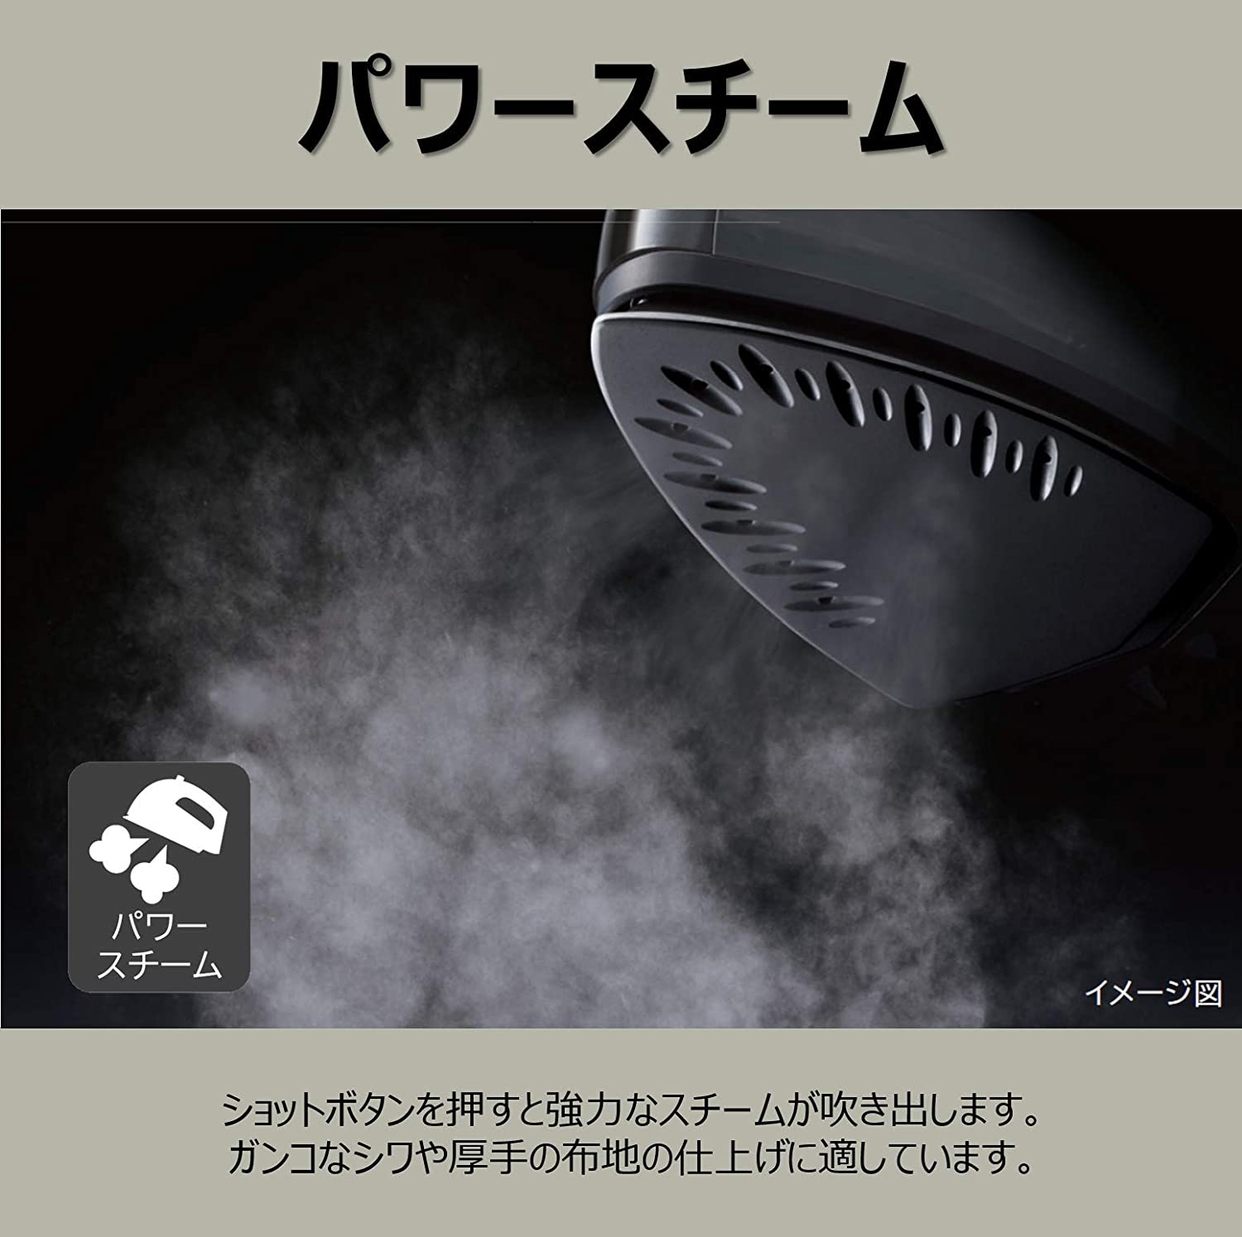 日立(HITACHI) コードレススチームアイロン CSI-307の商品画像3